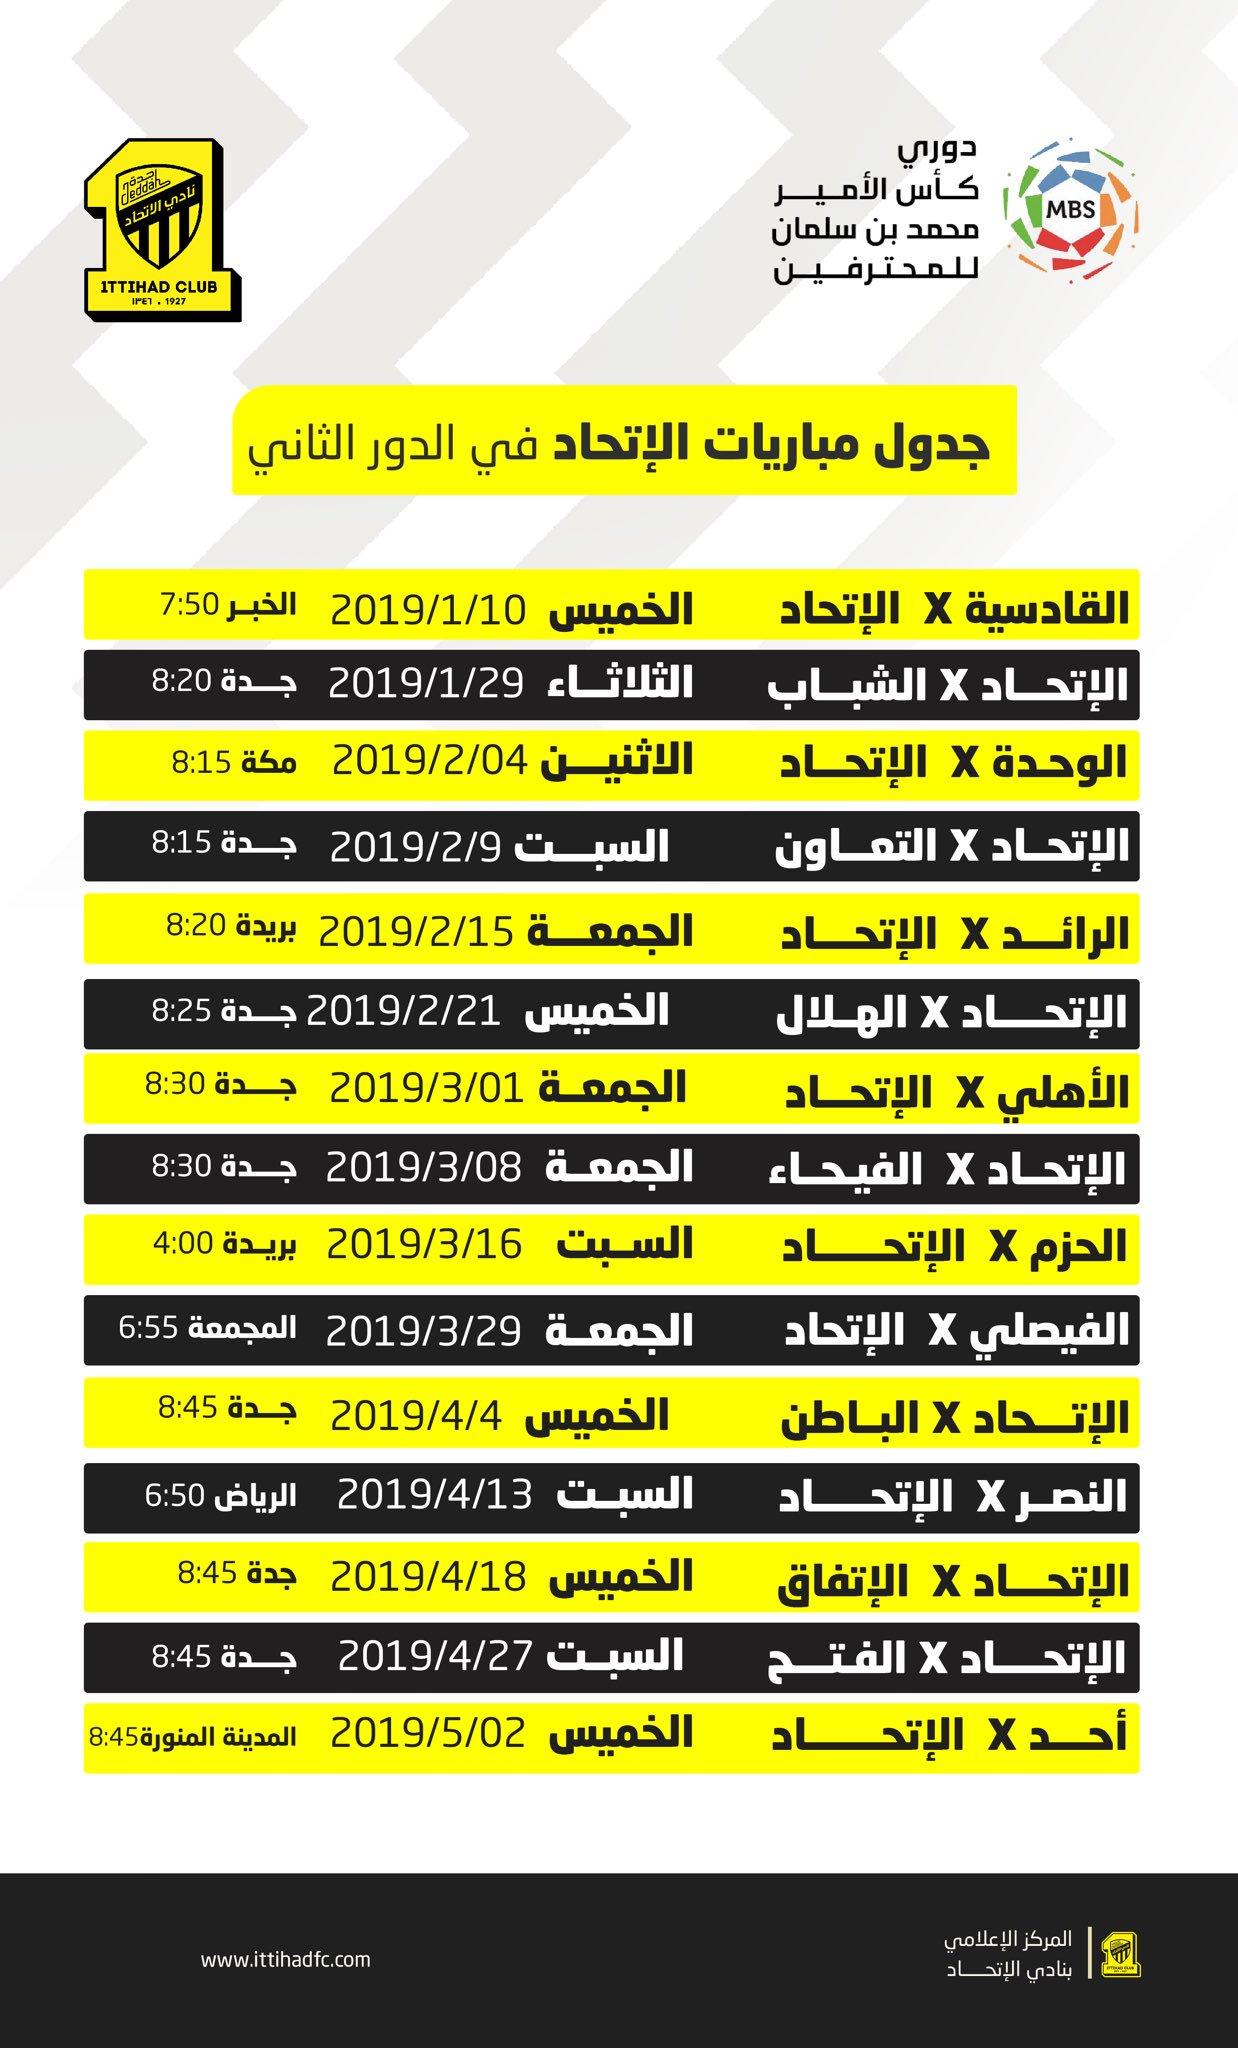 نادي الاتحاد السعودي Twitterren جدول مباريات الفريق الكروي في الدور الثاني من مسابقة دوري كأس الأمير محمد بن سلمان للمحترفين الاتحاد